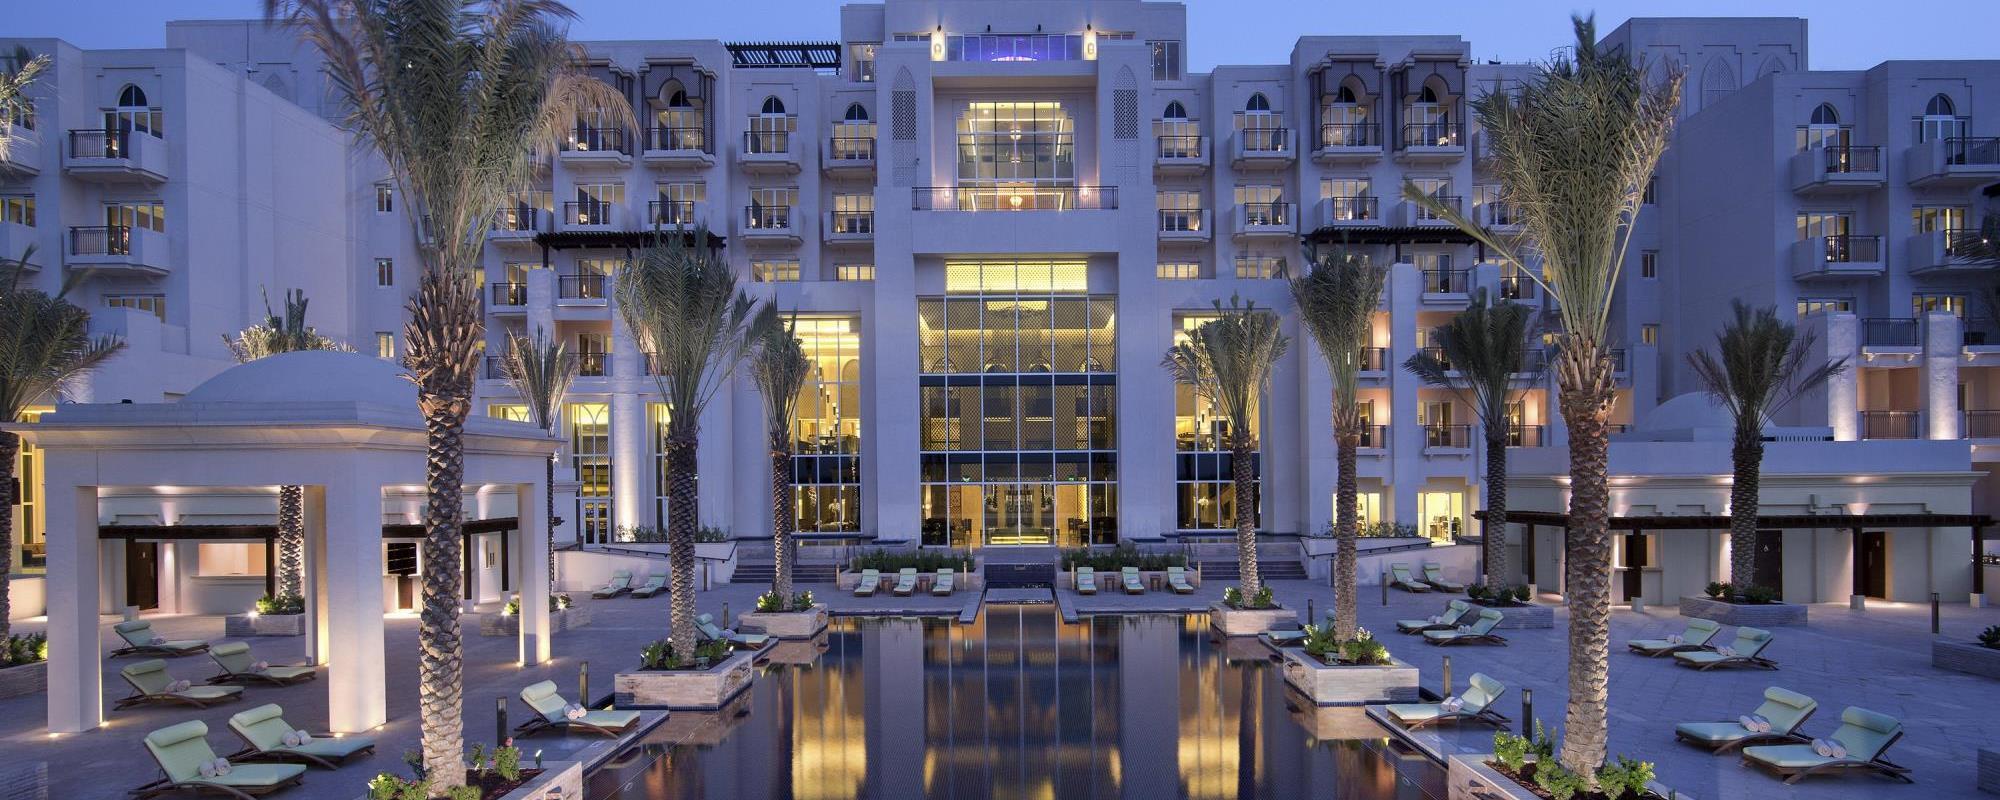 عروض عيد الأضحى المبارك في ابرز فنادق أبو ظبي